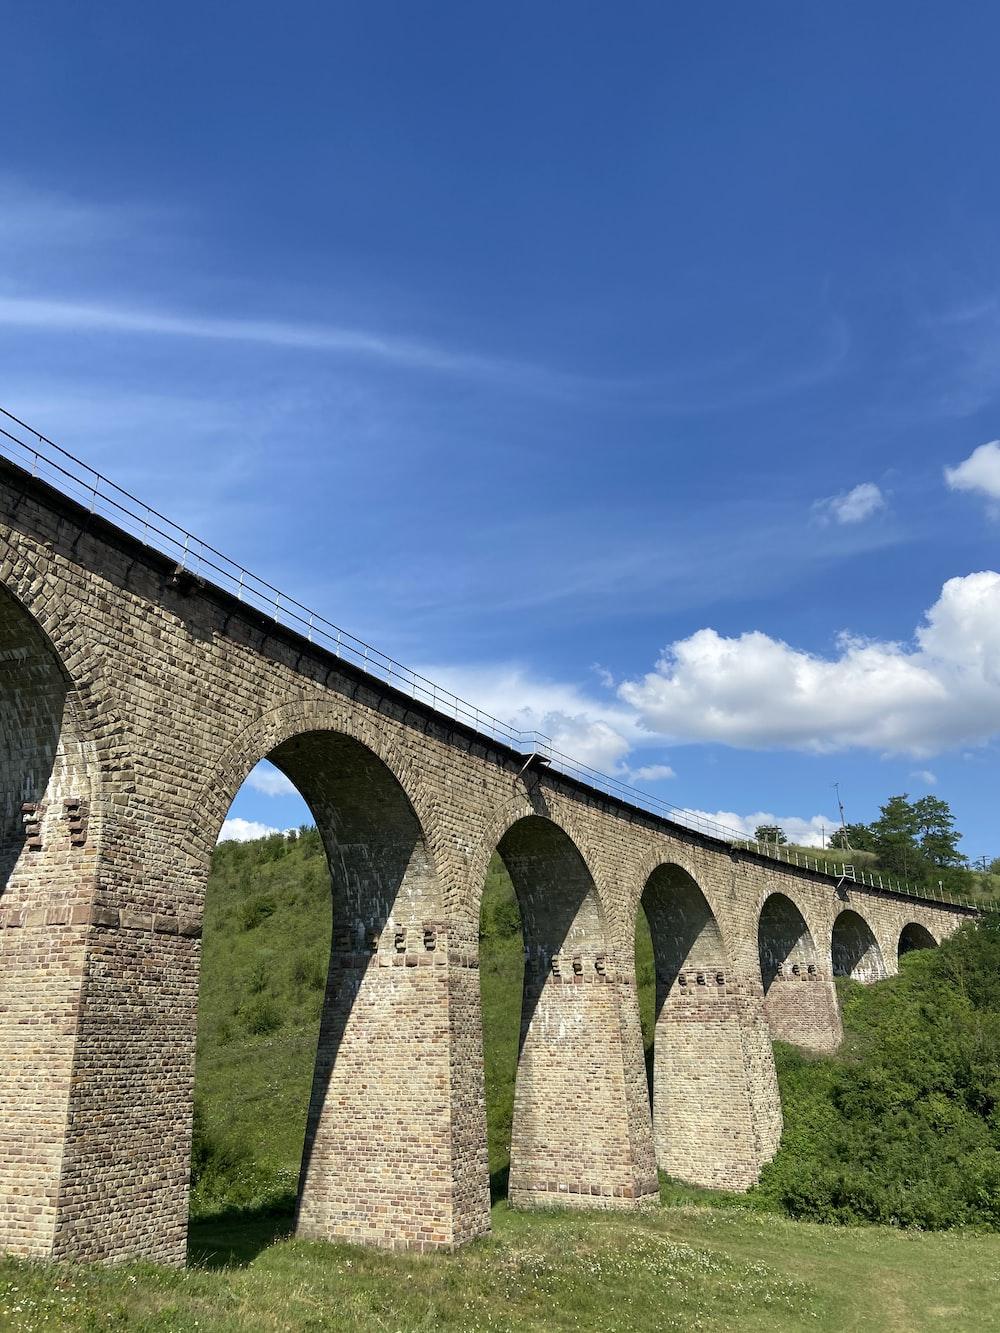 brown concrete bridge under blue sky